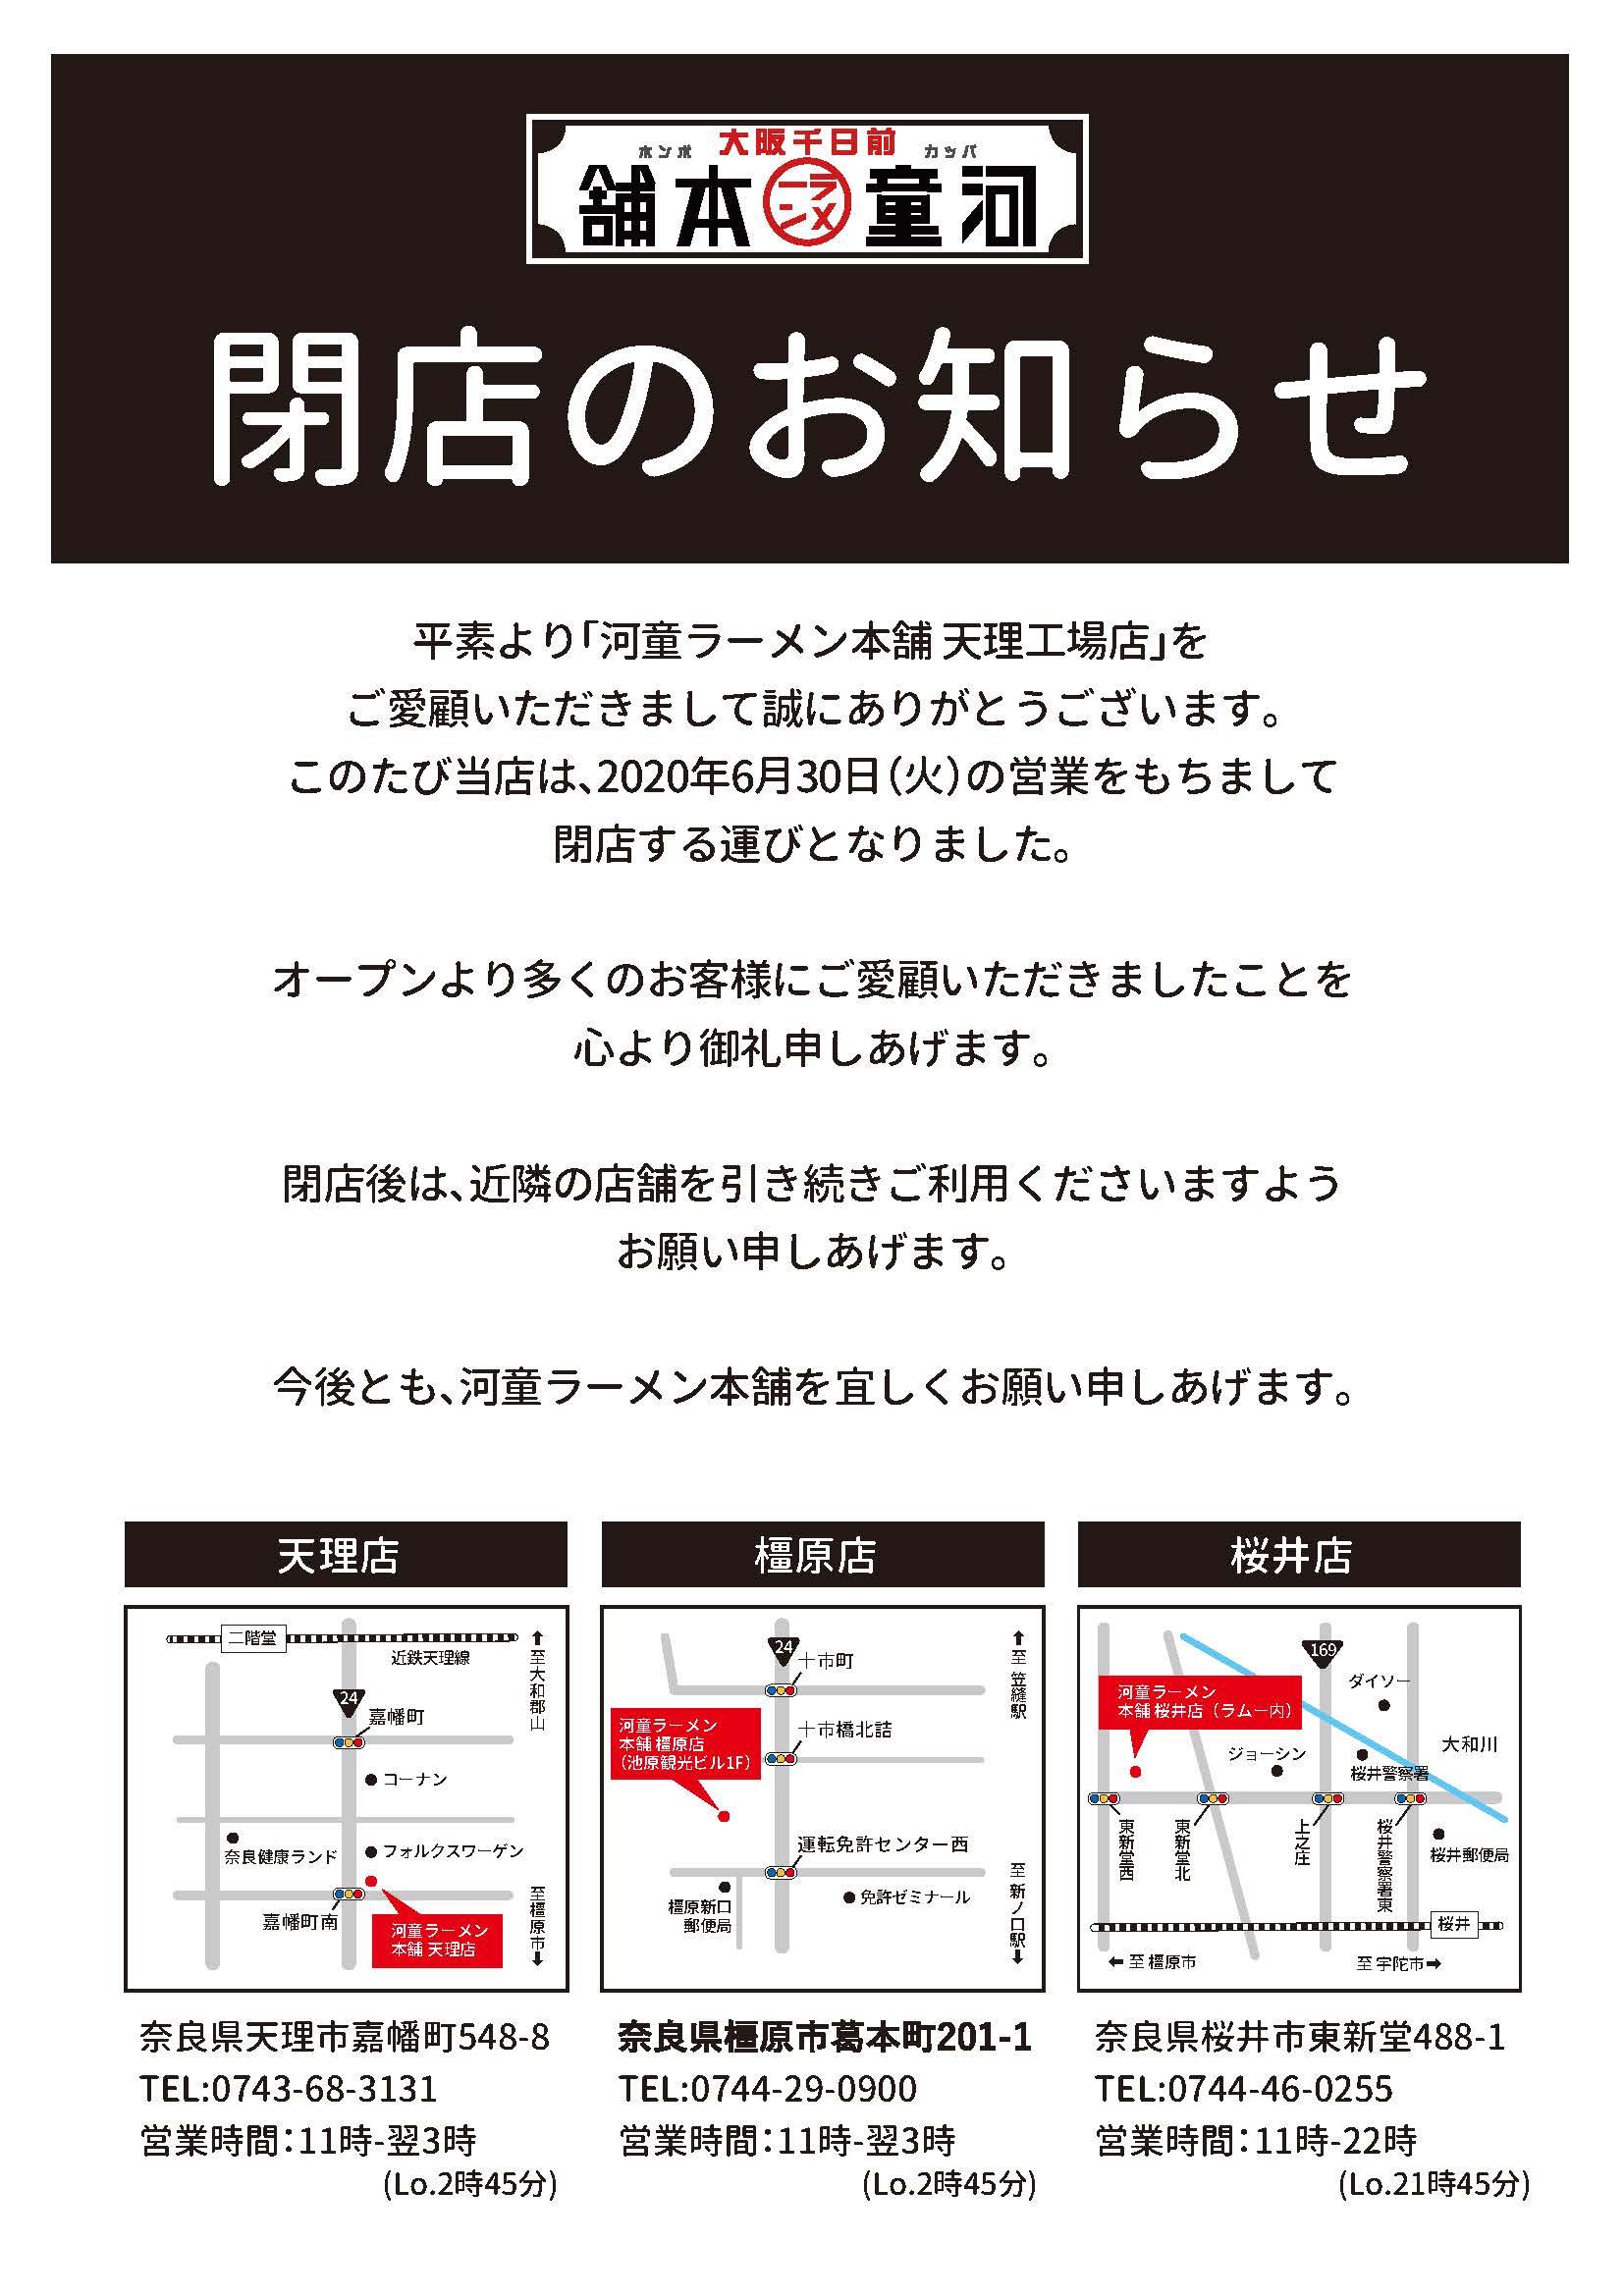 【天理工場店】閉店のおしらせの画像